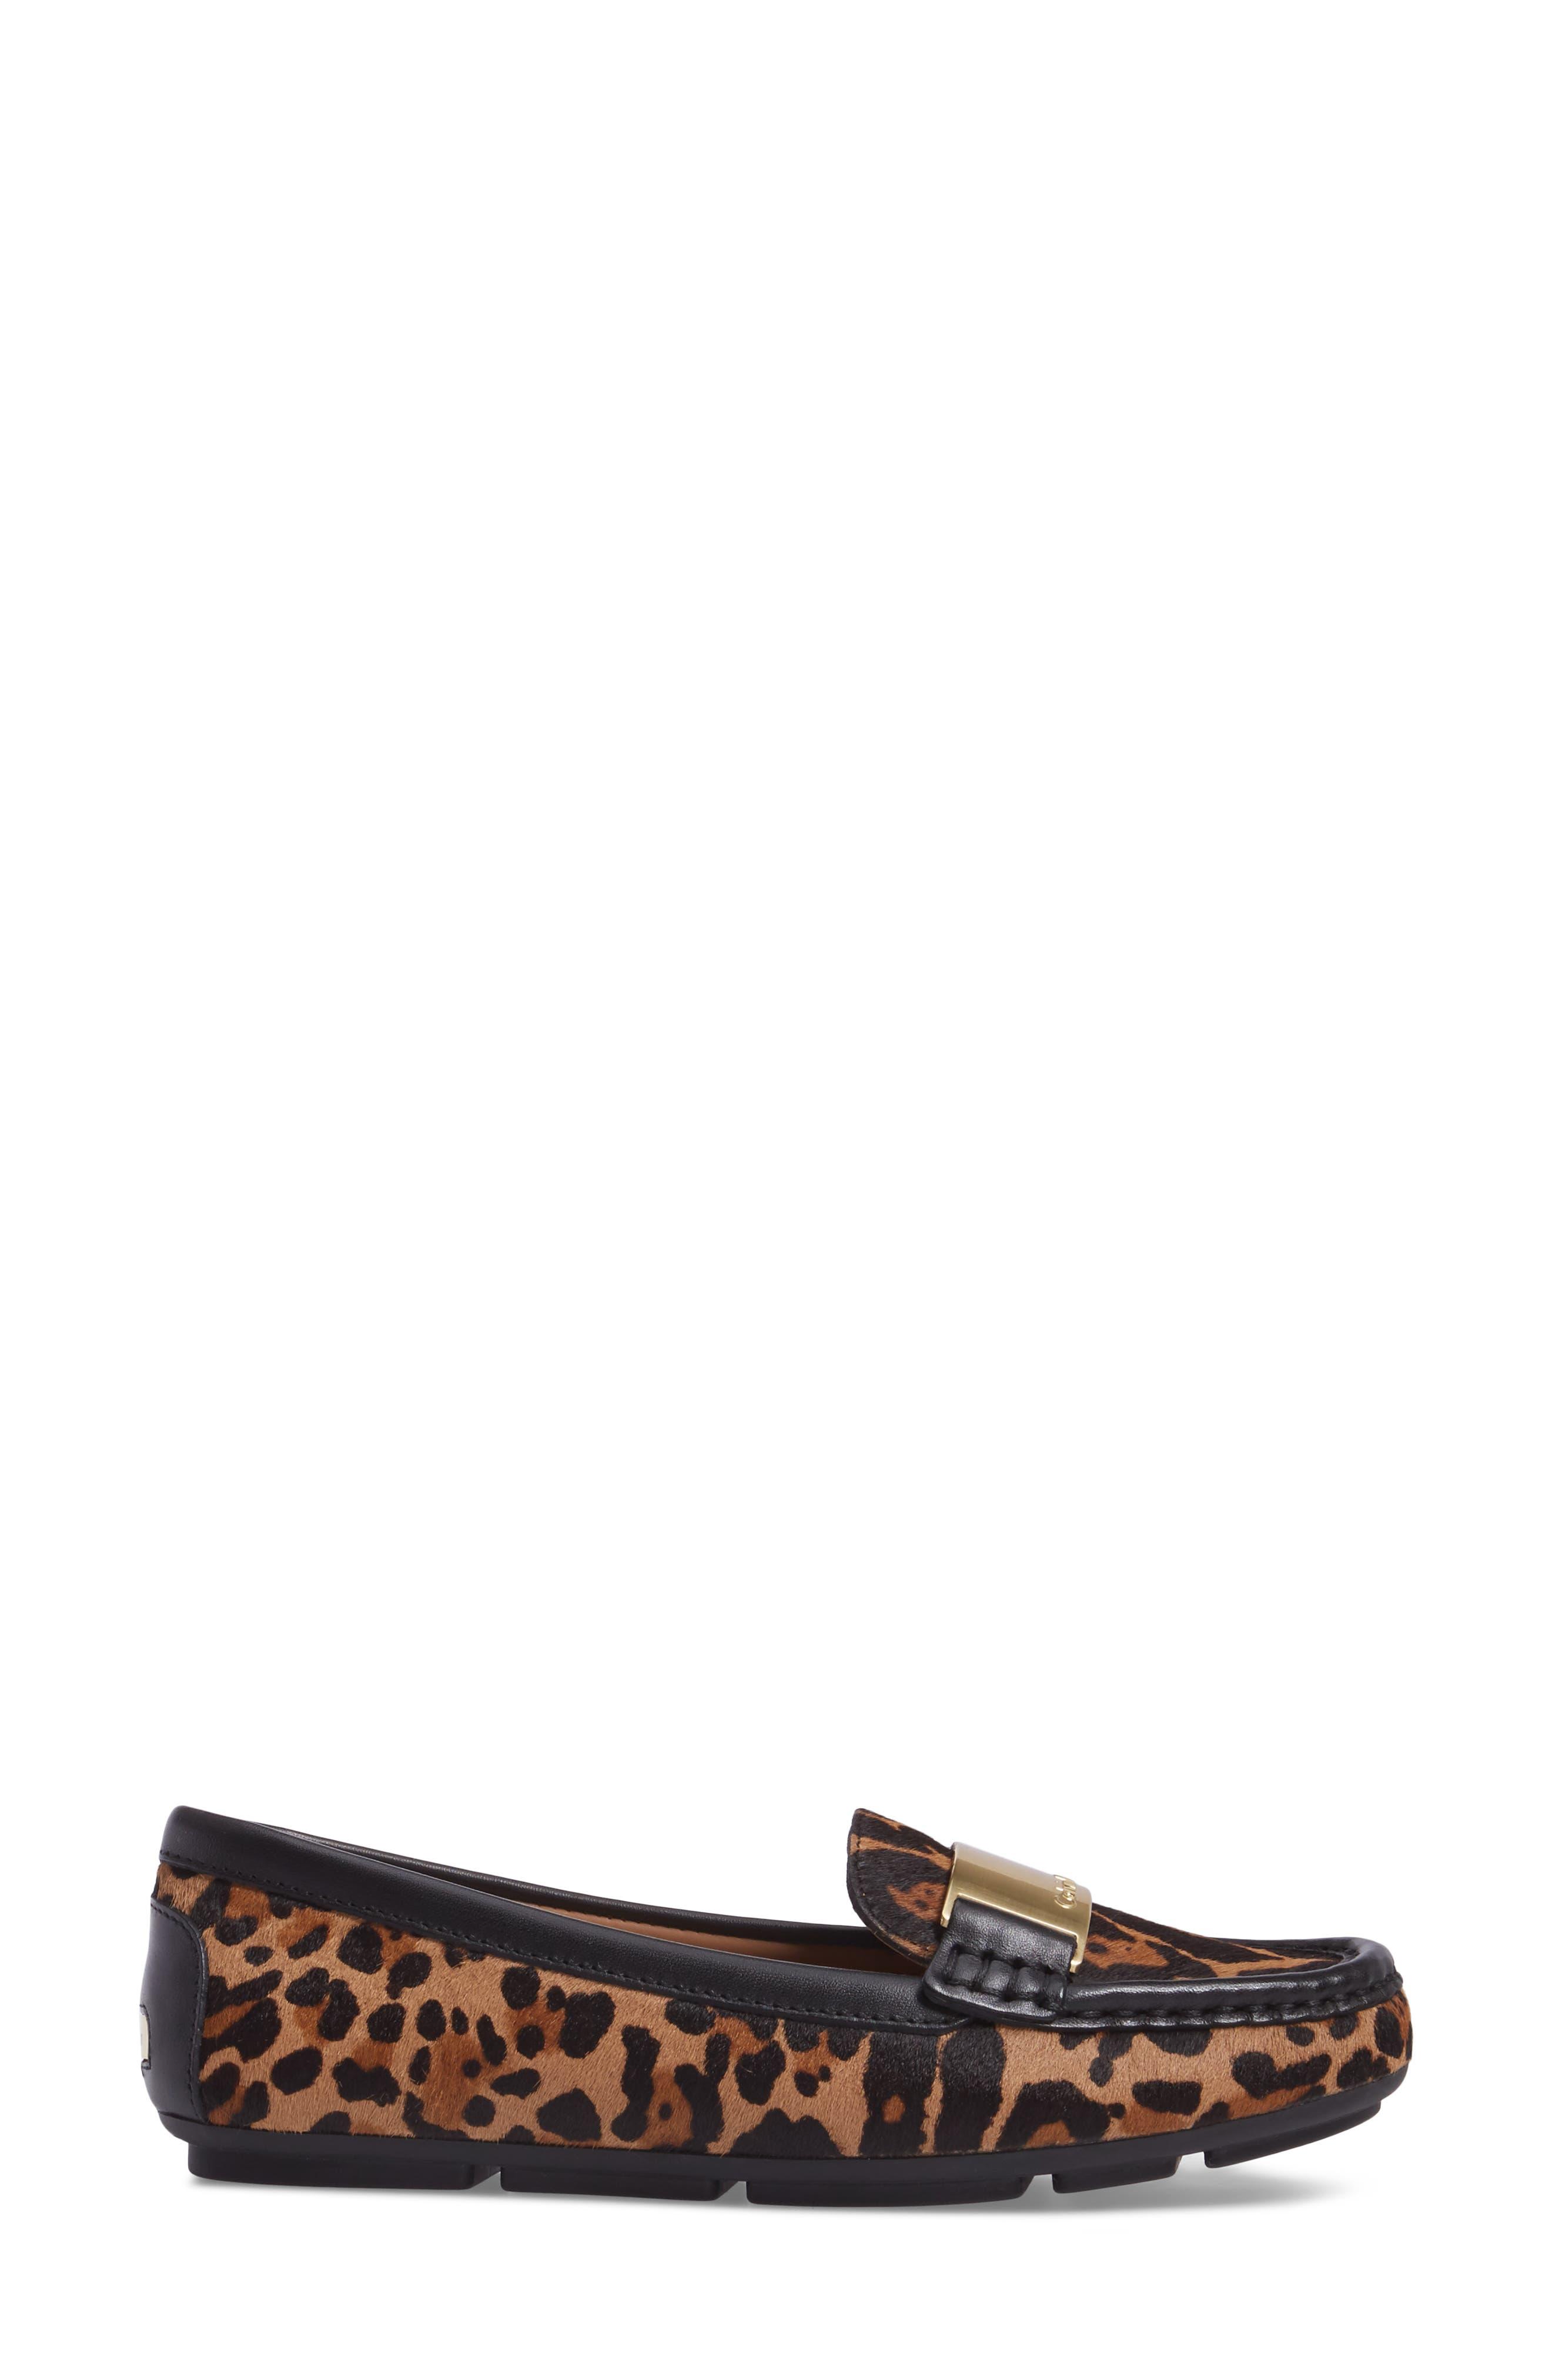 Lisette Loafer,                             Alternate thumbnail 3, color,                             Natural Leopard Hair Calf